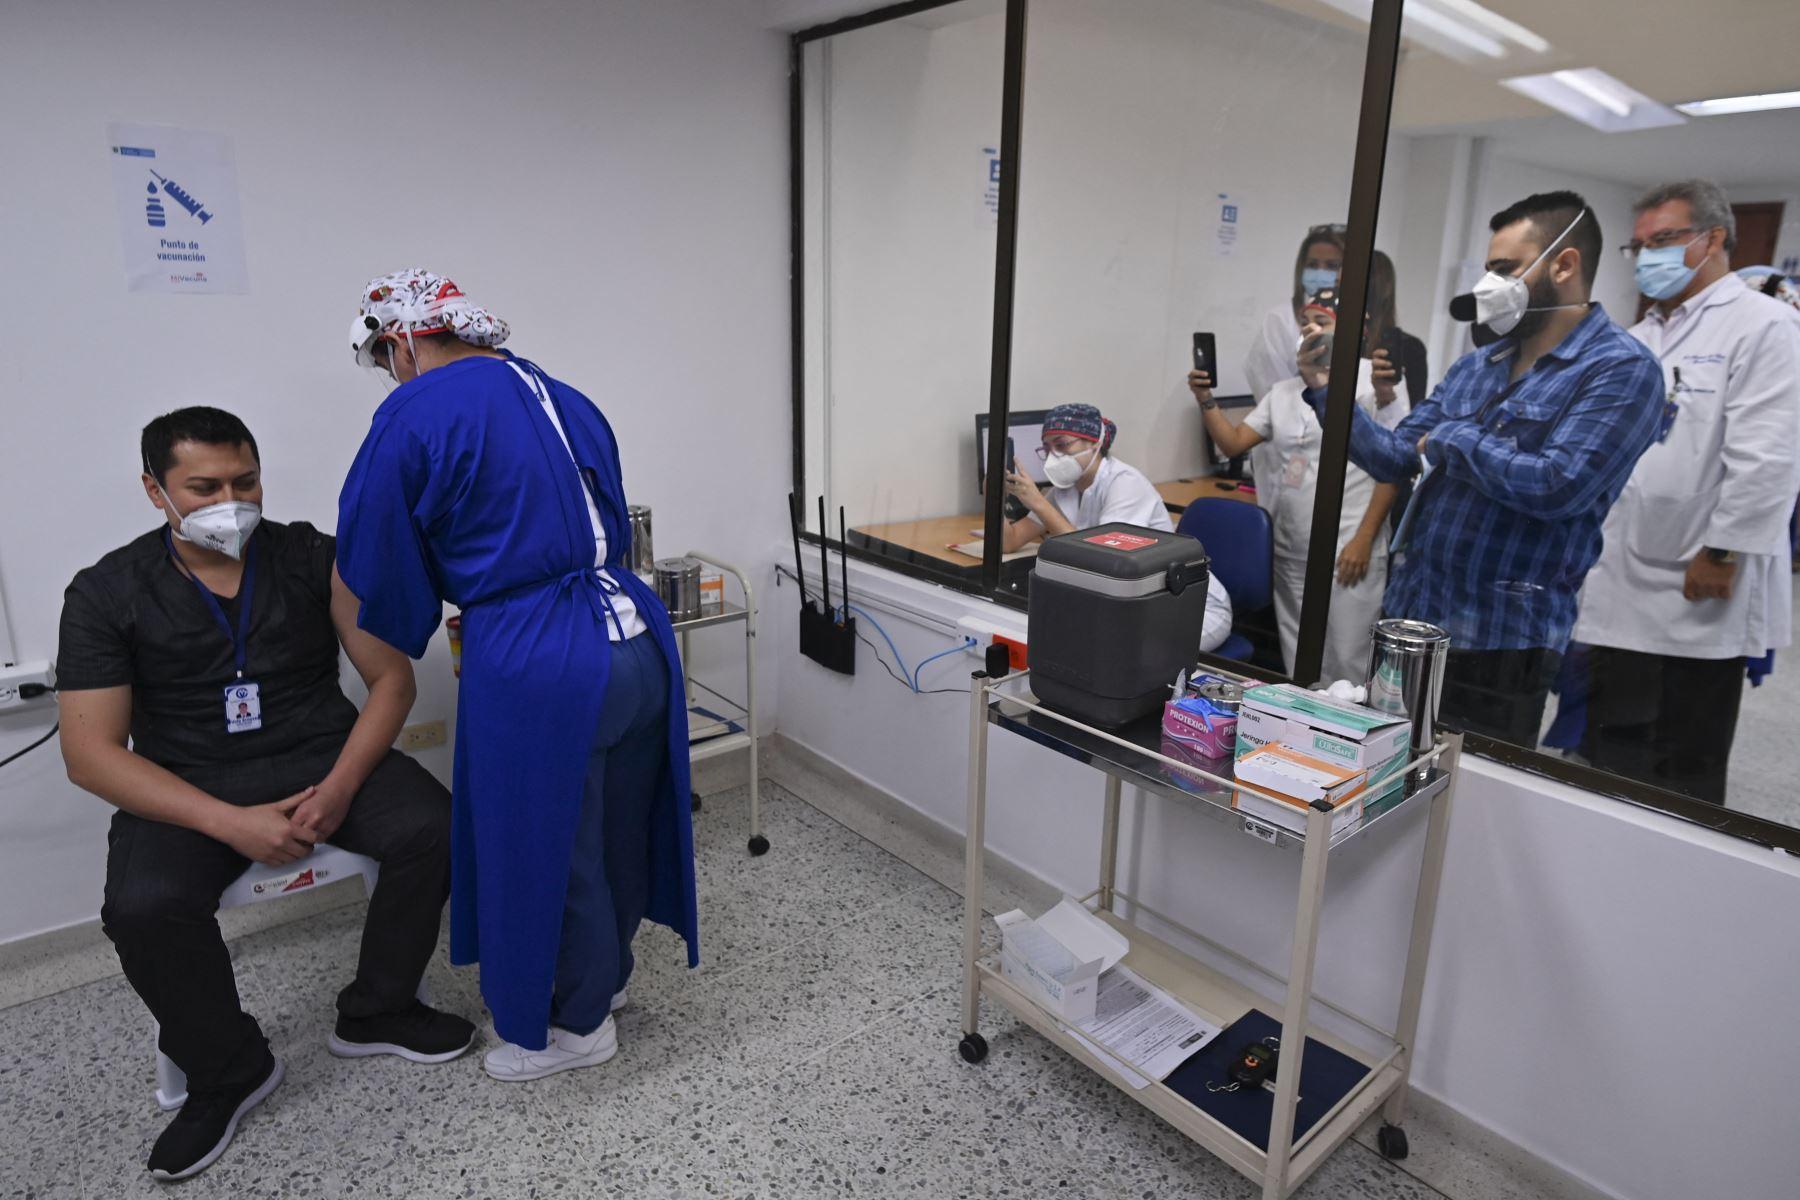 Trabajadores de salud toman fotografías de un médico siendo inoculado con la vacuna Pfizer-BioNTech contra COVID-19 en la Clínica Versalles, en Cali, Colombia. Desde el comienzo de la epidemia más de 111.331.990 personas contrajeron la enfermedad. De ellas al menos 68.323.000 se recuperaron, según las autoridades. Foto: AFP